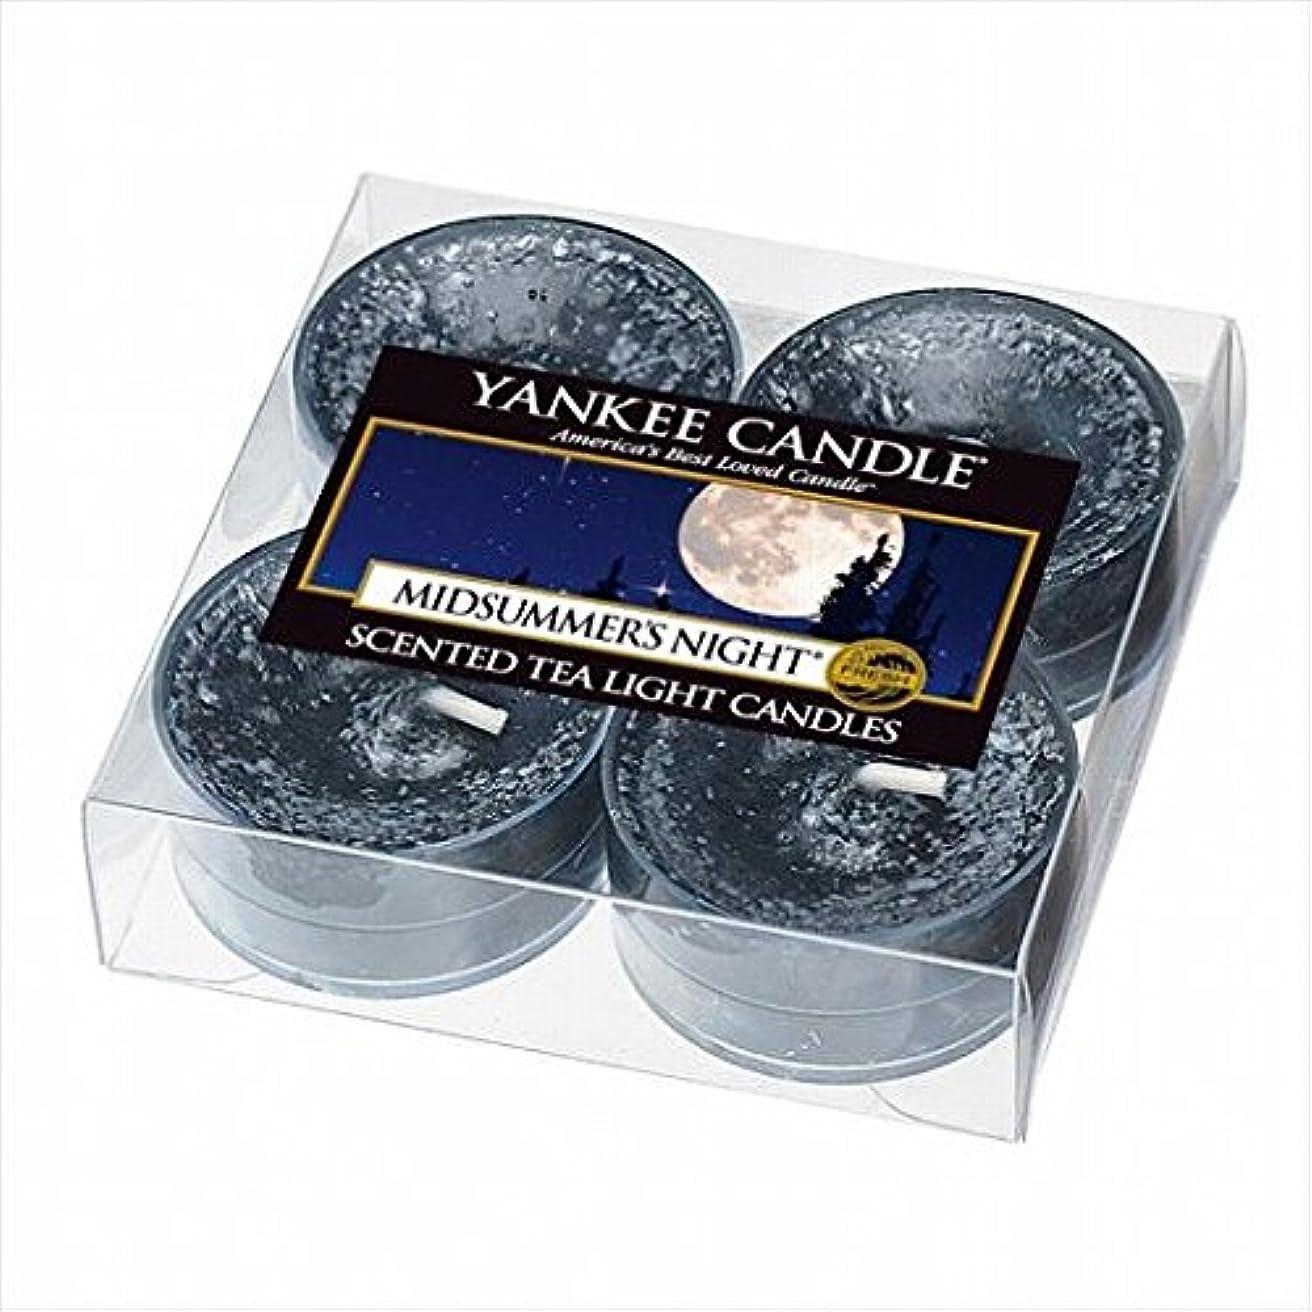 マーカー軽減する記念日カメヤマキャンドル( kameyama candle ) YANKEE CANDLE クリアカップティーライト4個入り 「 ミッドサマーズナイト 」